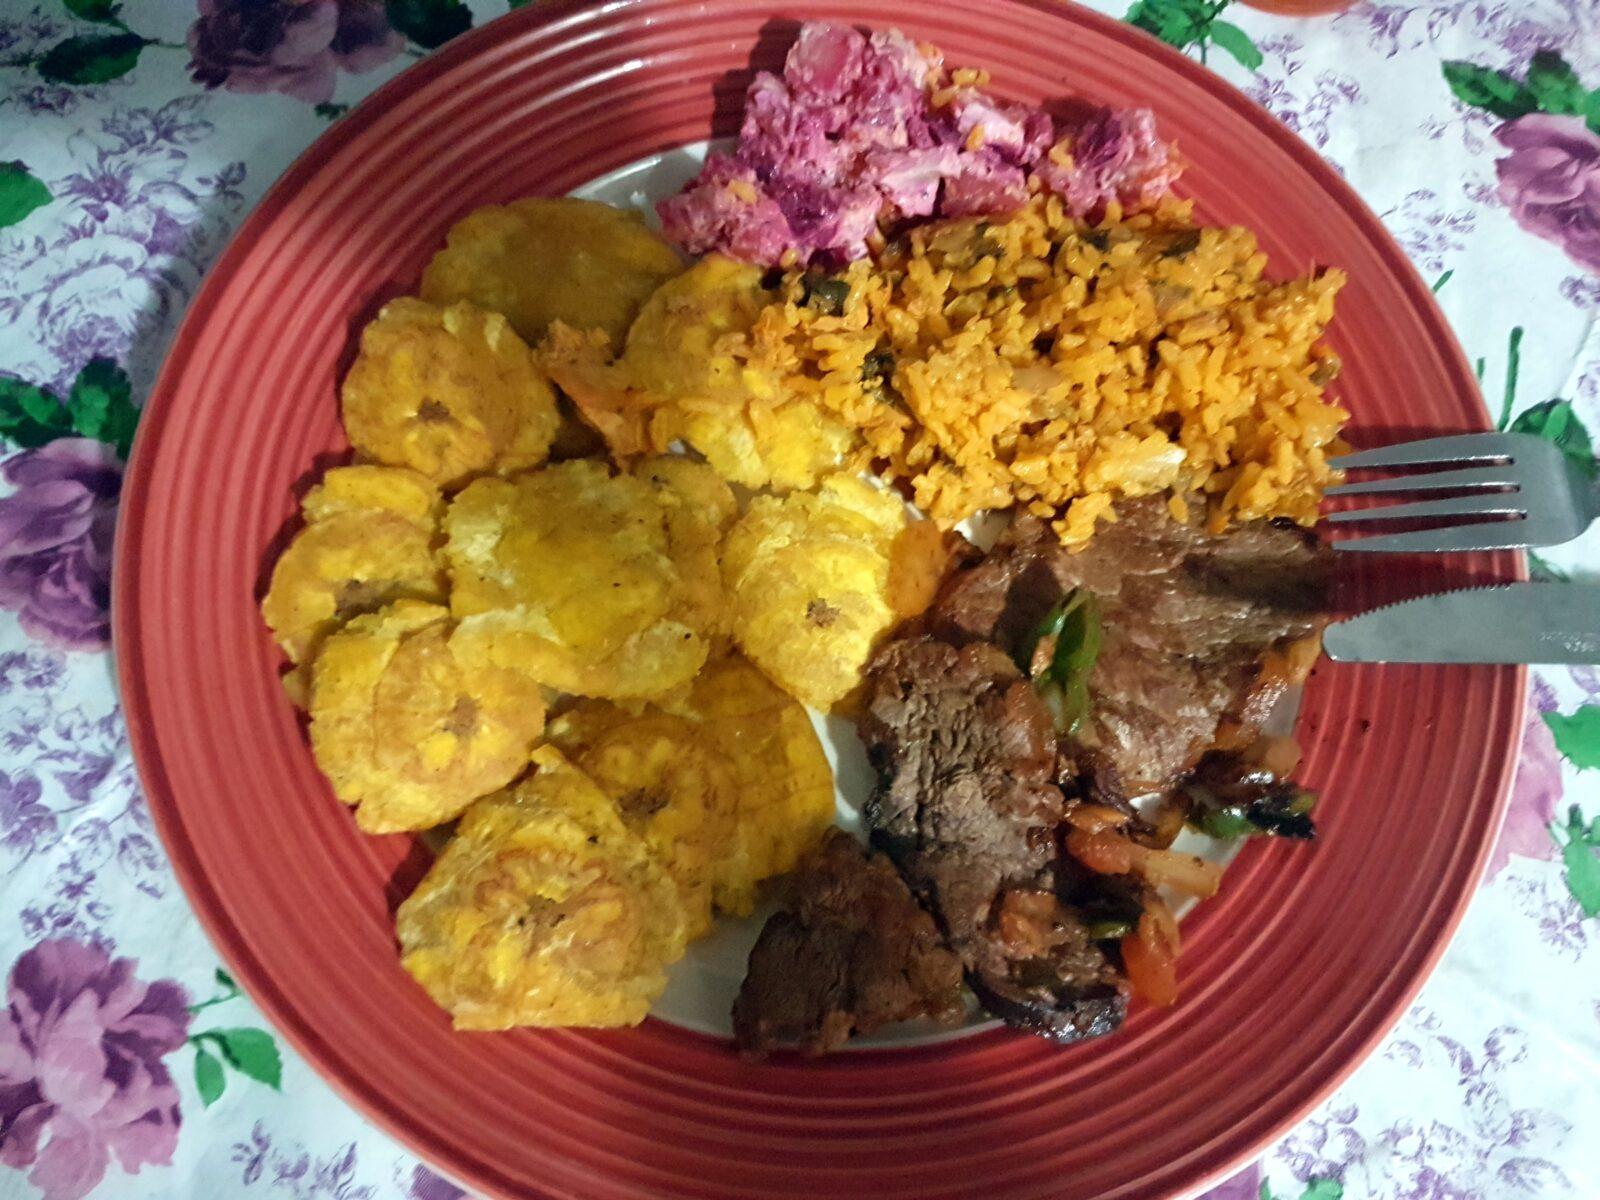 Patacones platany plantany panama obiad posiłek danie